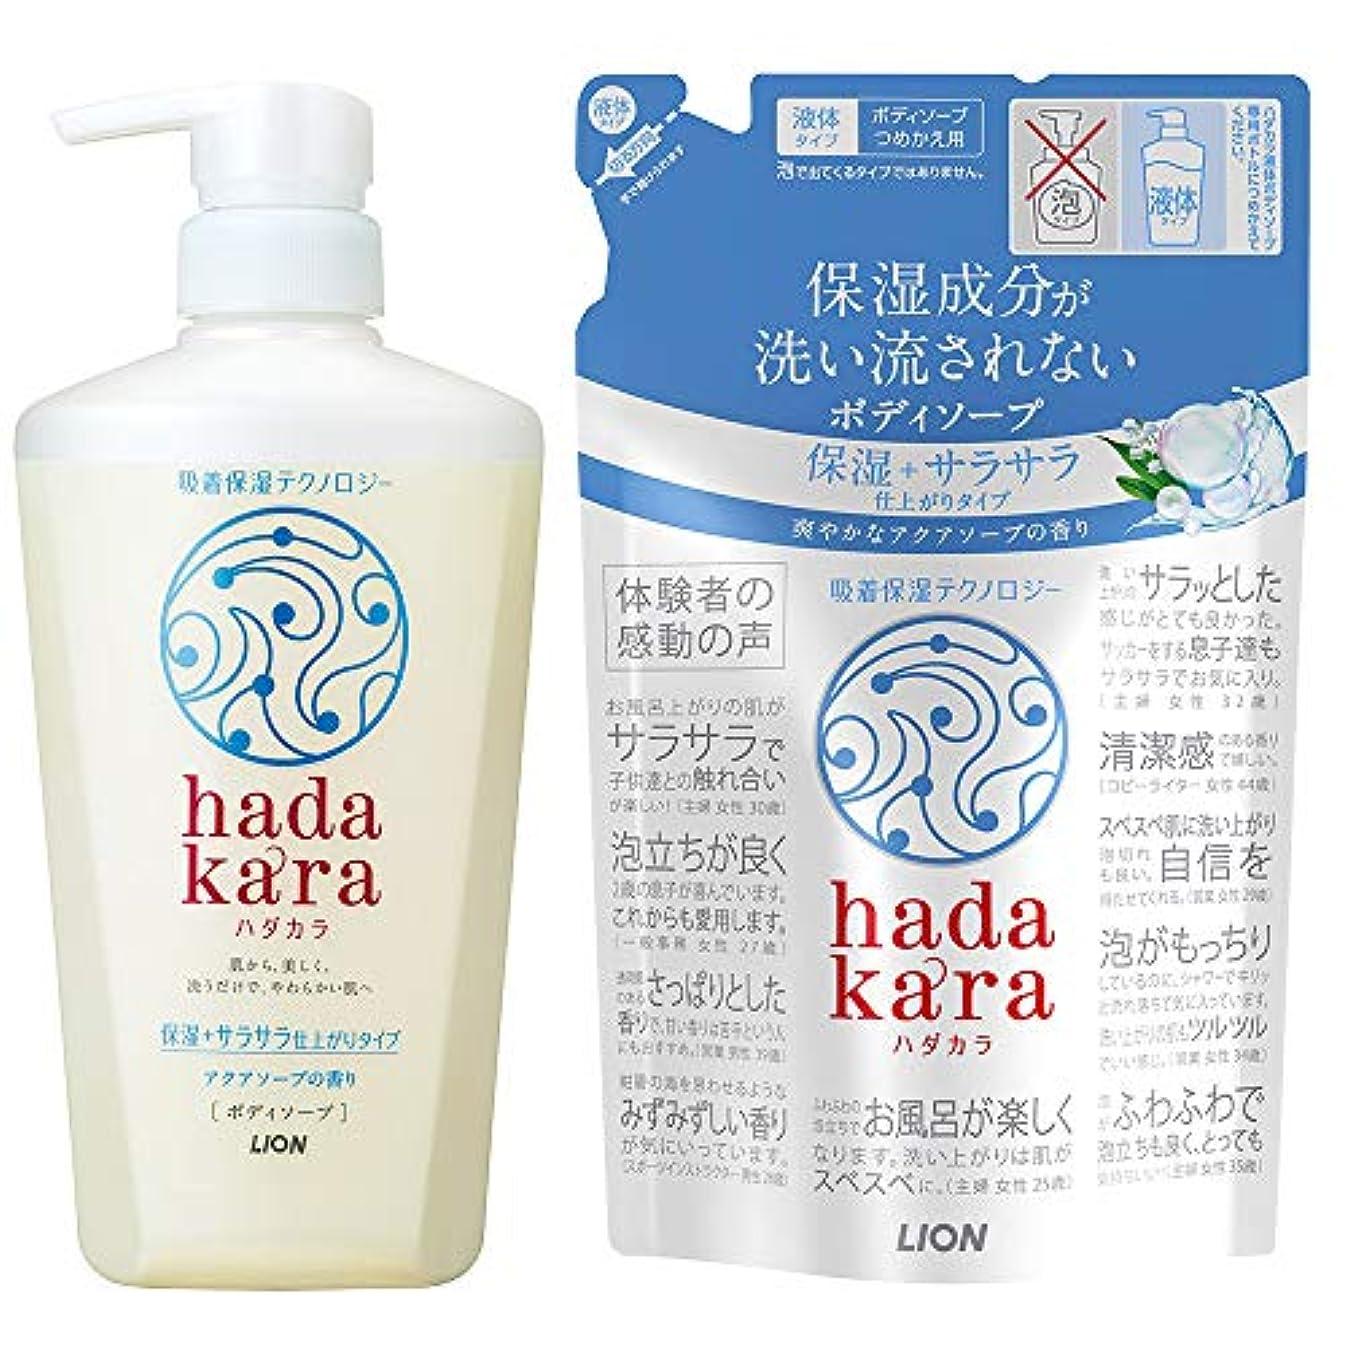 逃す驚いた日hadakara(ハダカラ)ボディソープ 保湿+サラサラ仕上がりタイプ アクアソープの香り 本体 480ml + つめかえ 340ml